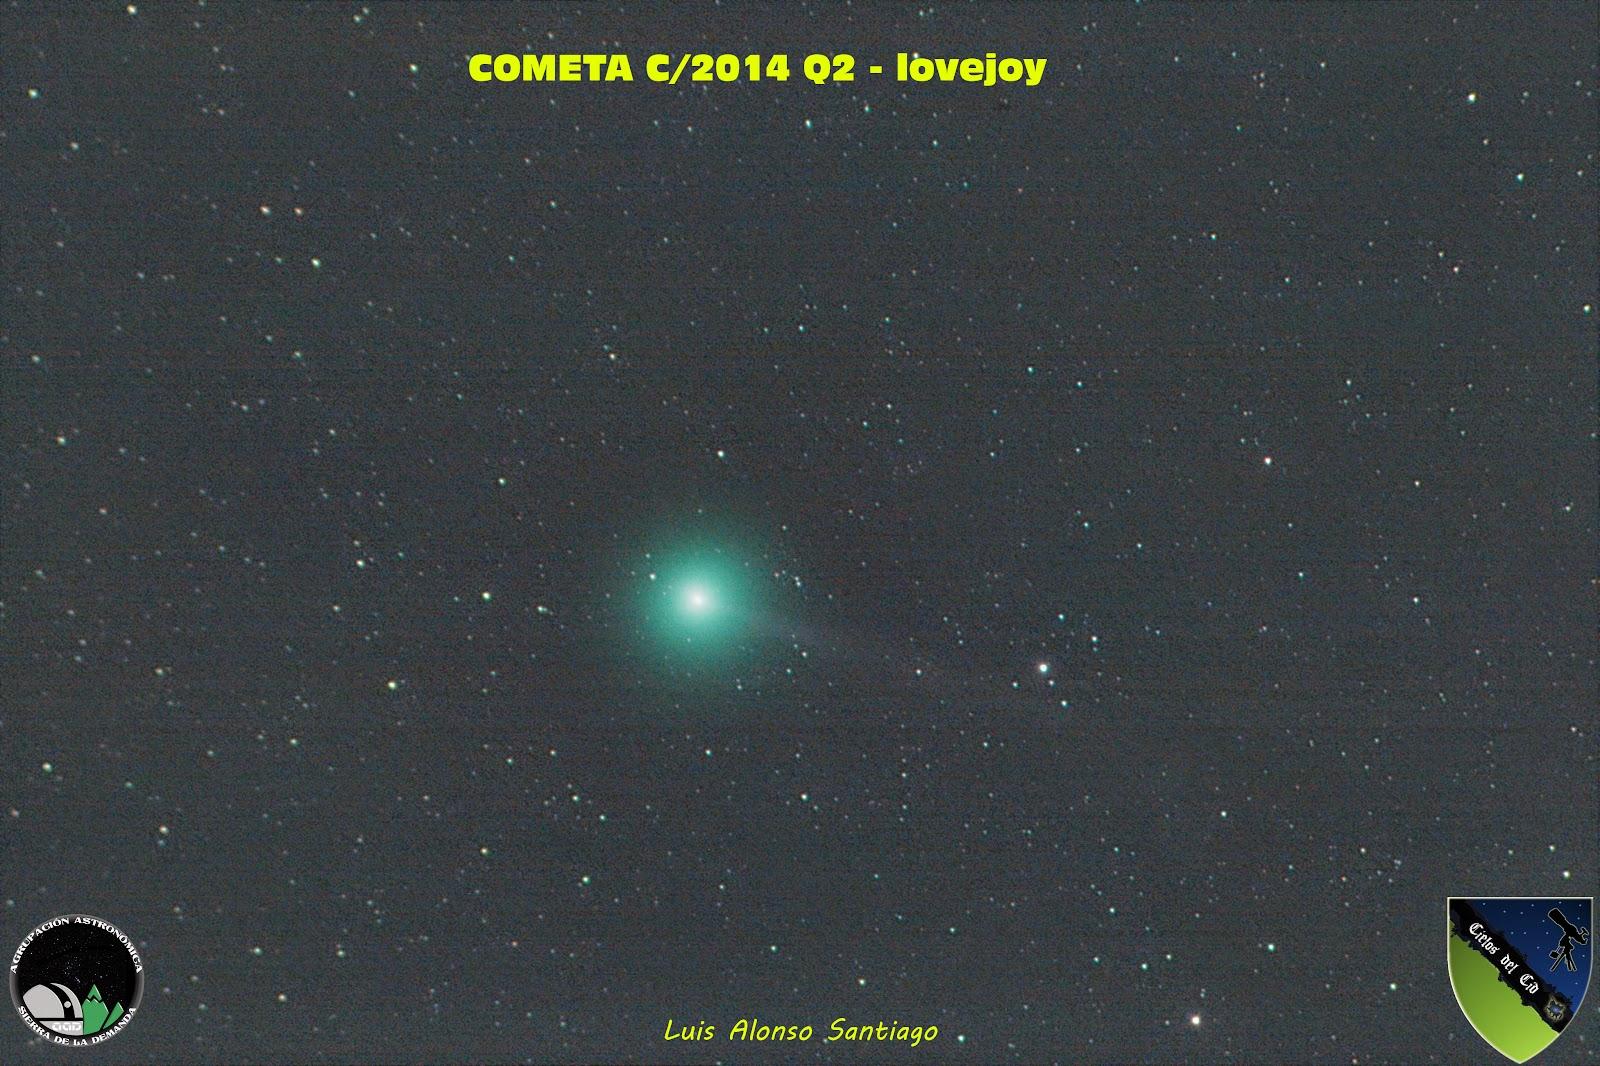 Cometa C/2014 Q2